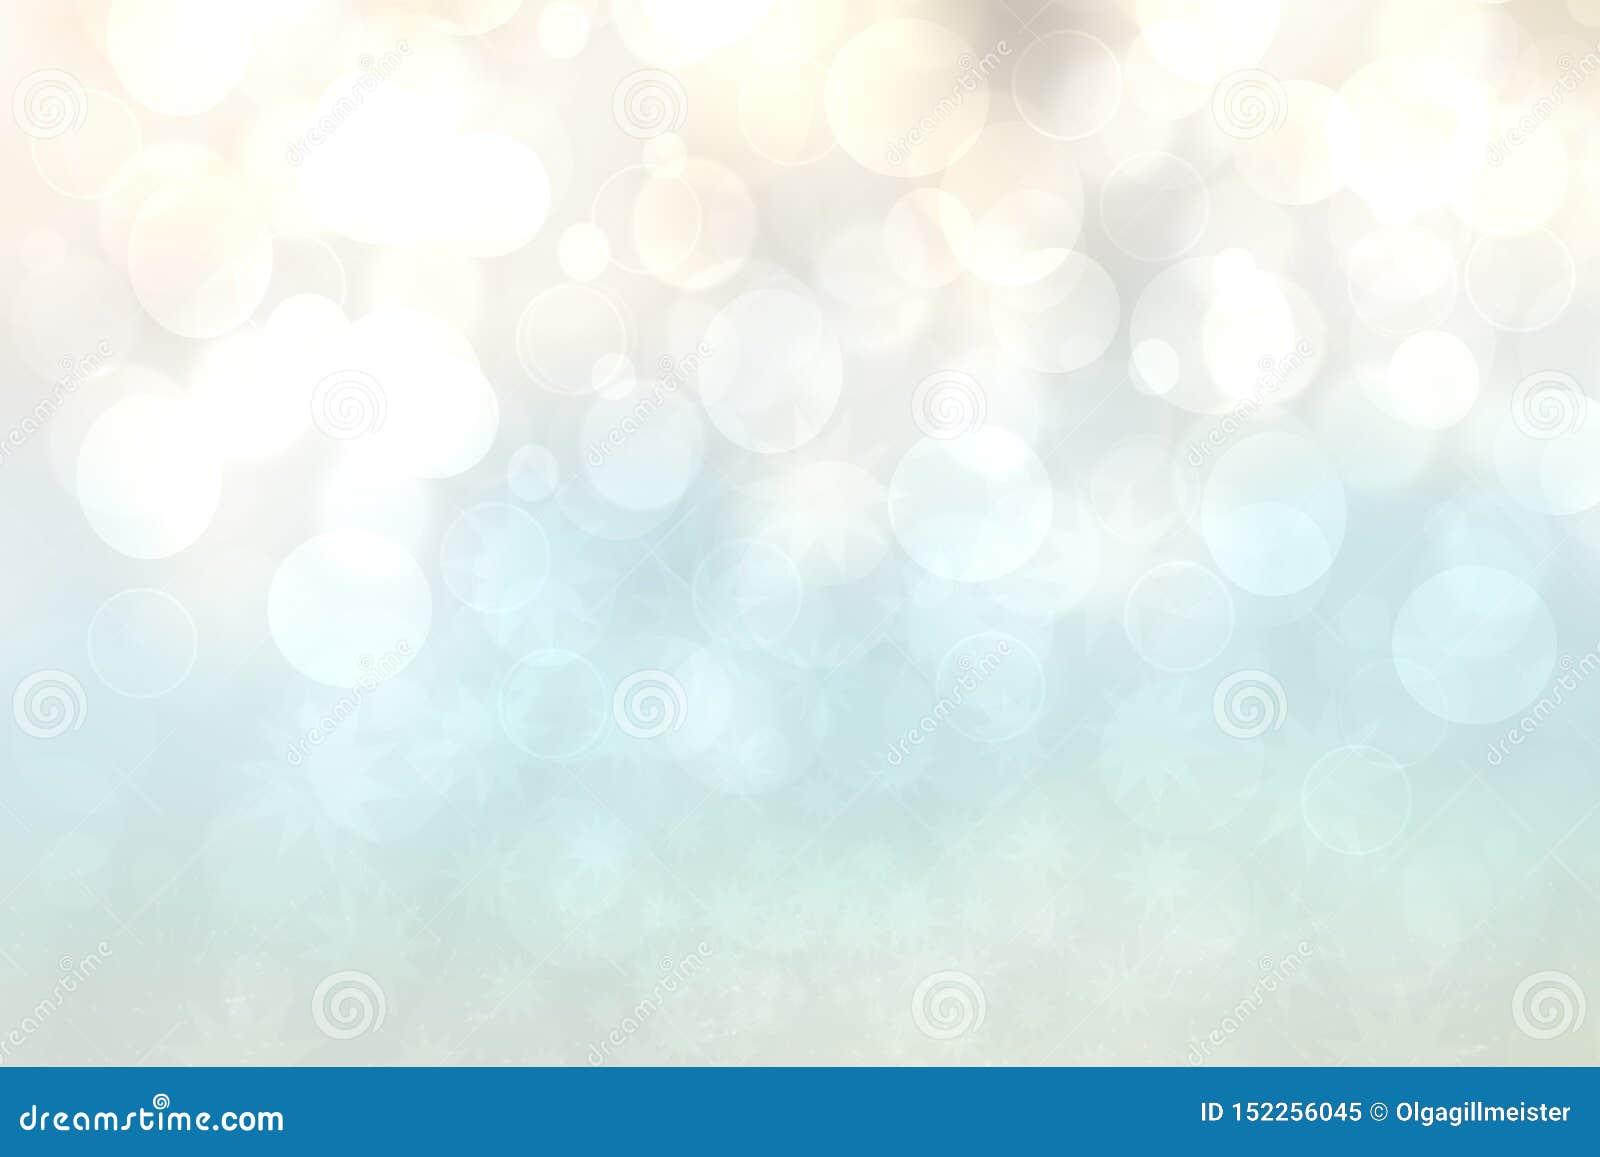 Hintergrundbeschaffenheit des beige hellen Türkises der Zusammenfassungssteigung glänzende unscharfe mit Kreis-bokeh Lichtern Sch